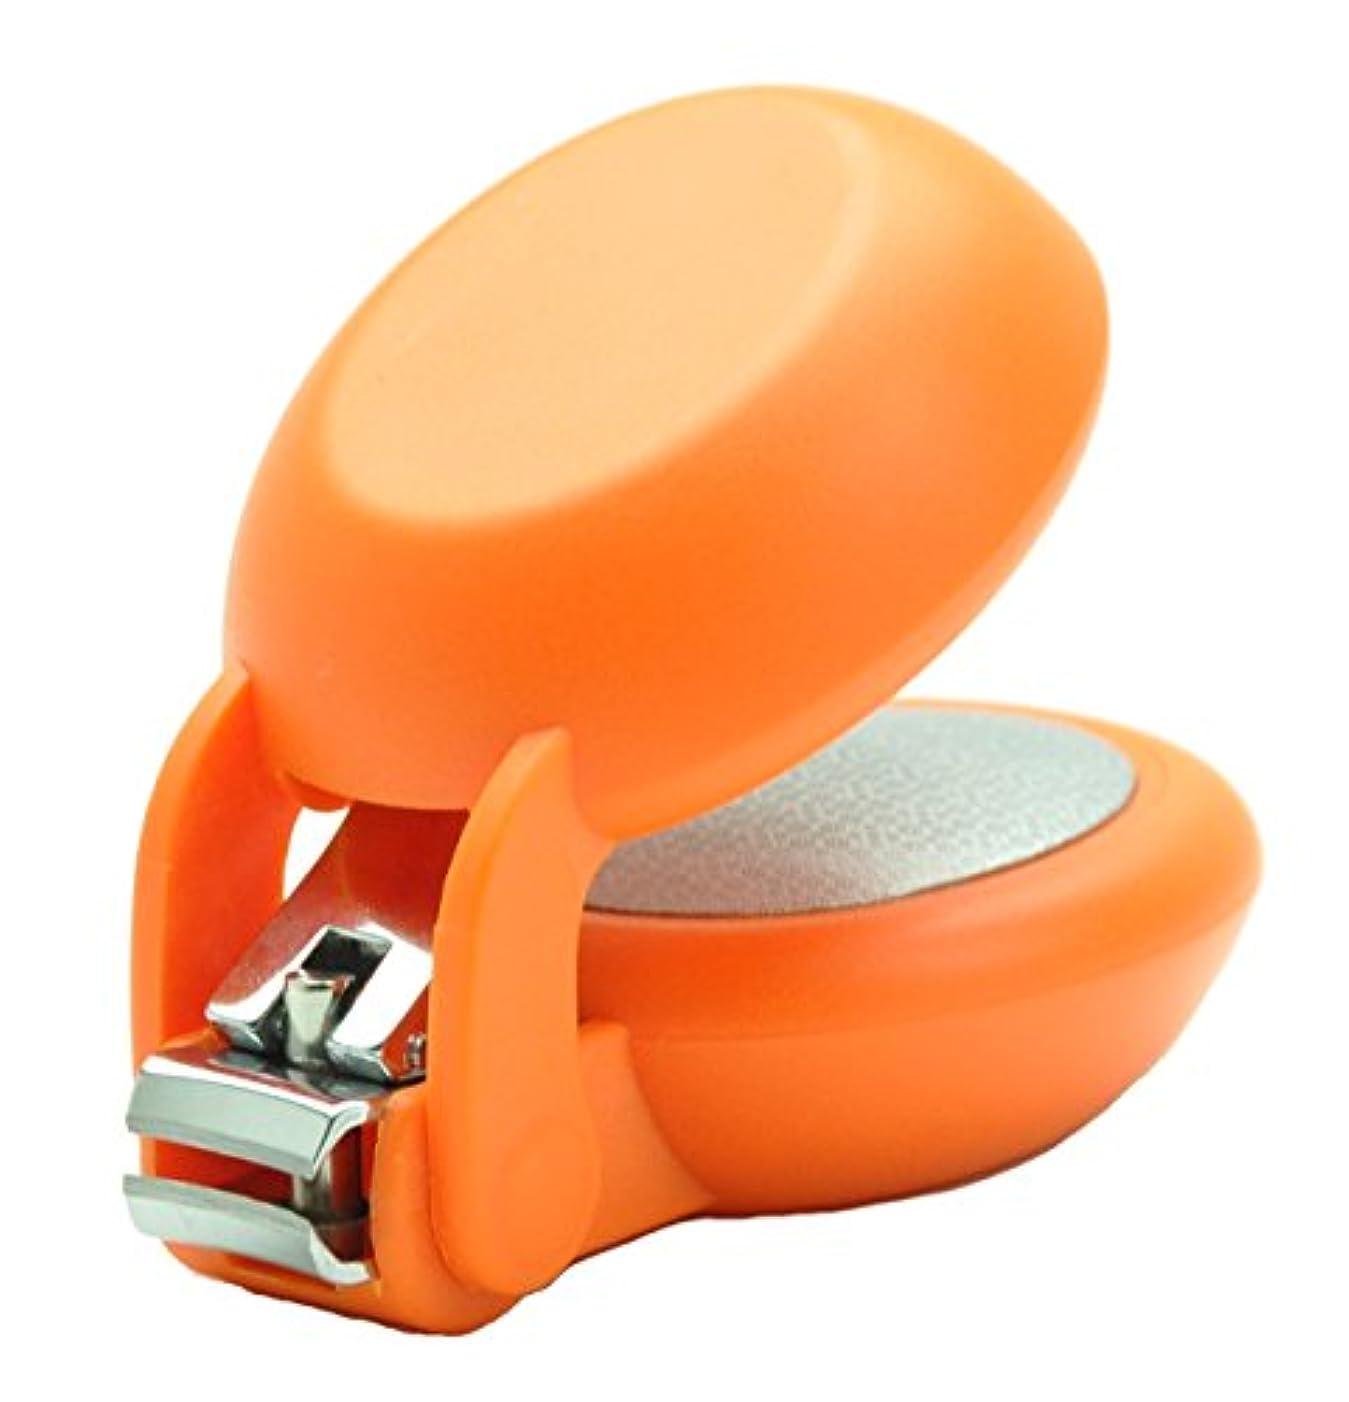 猫背均等にスナッチ爪切り nail clipper (ネイルクリッパー) Nail+ (ネイルプラス) Orange (オレンジ)